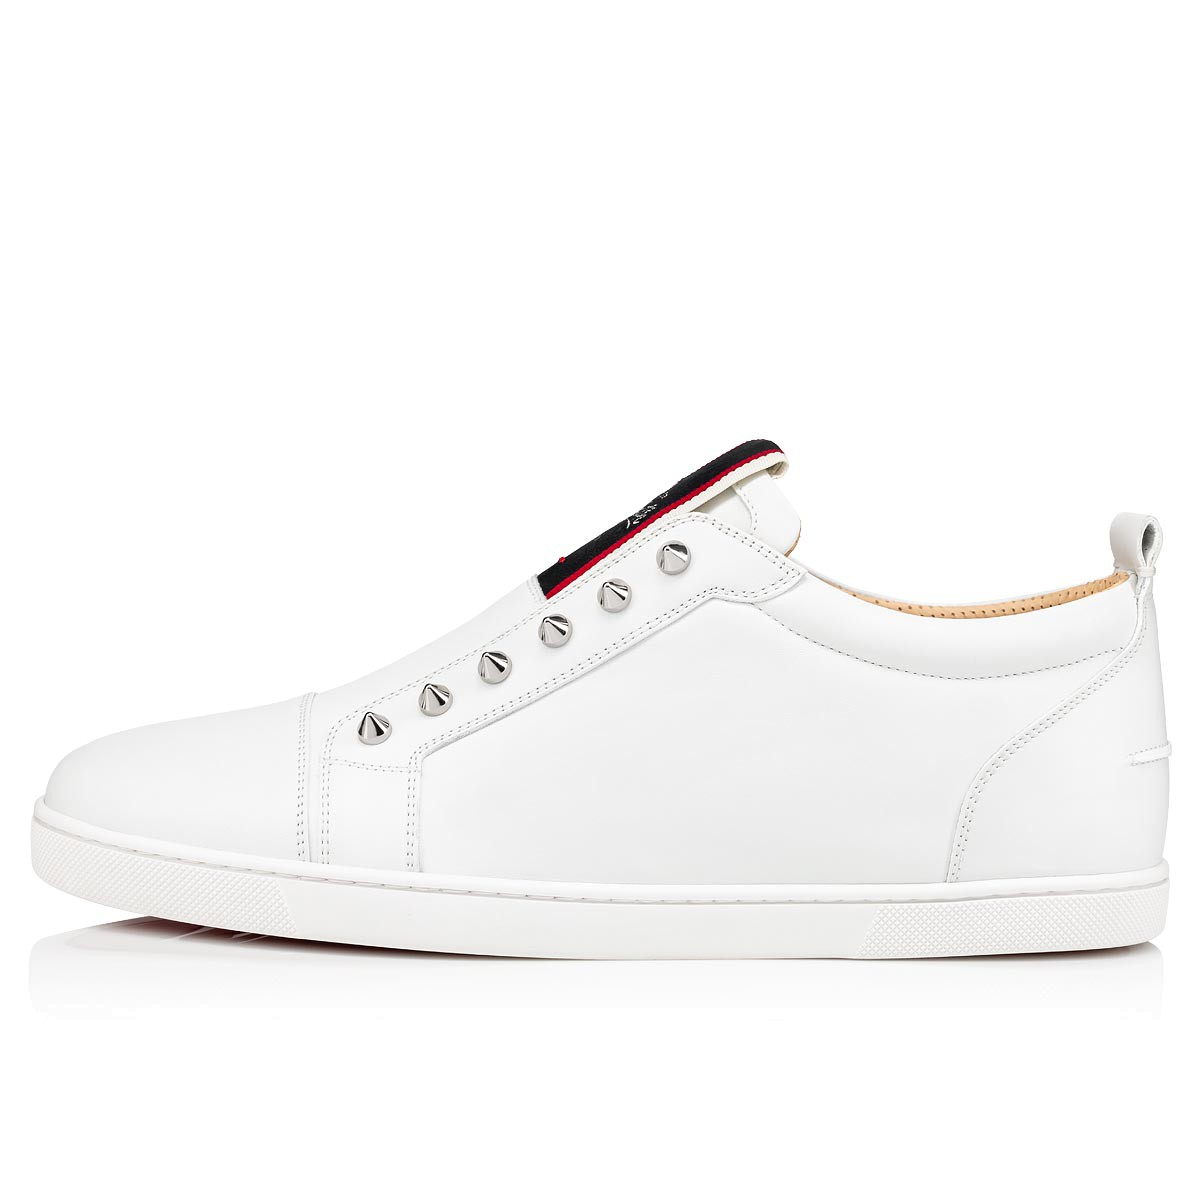 鞋履 - F.a.v Fique A V Calf - Christian Louboutin